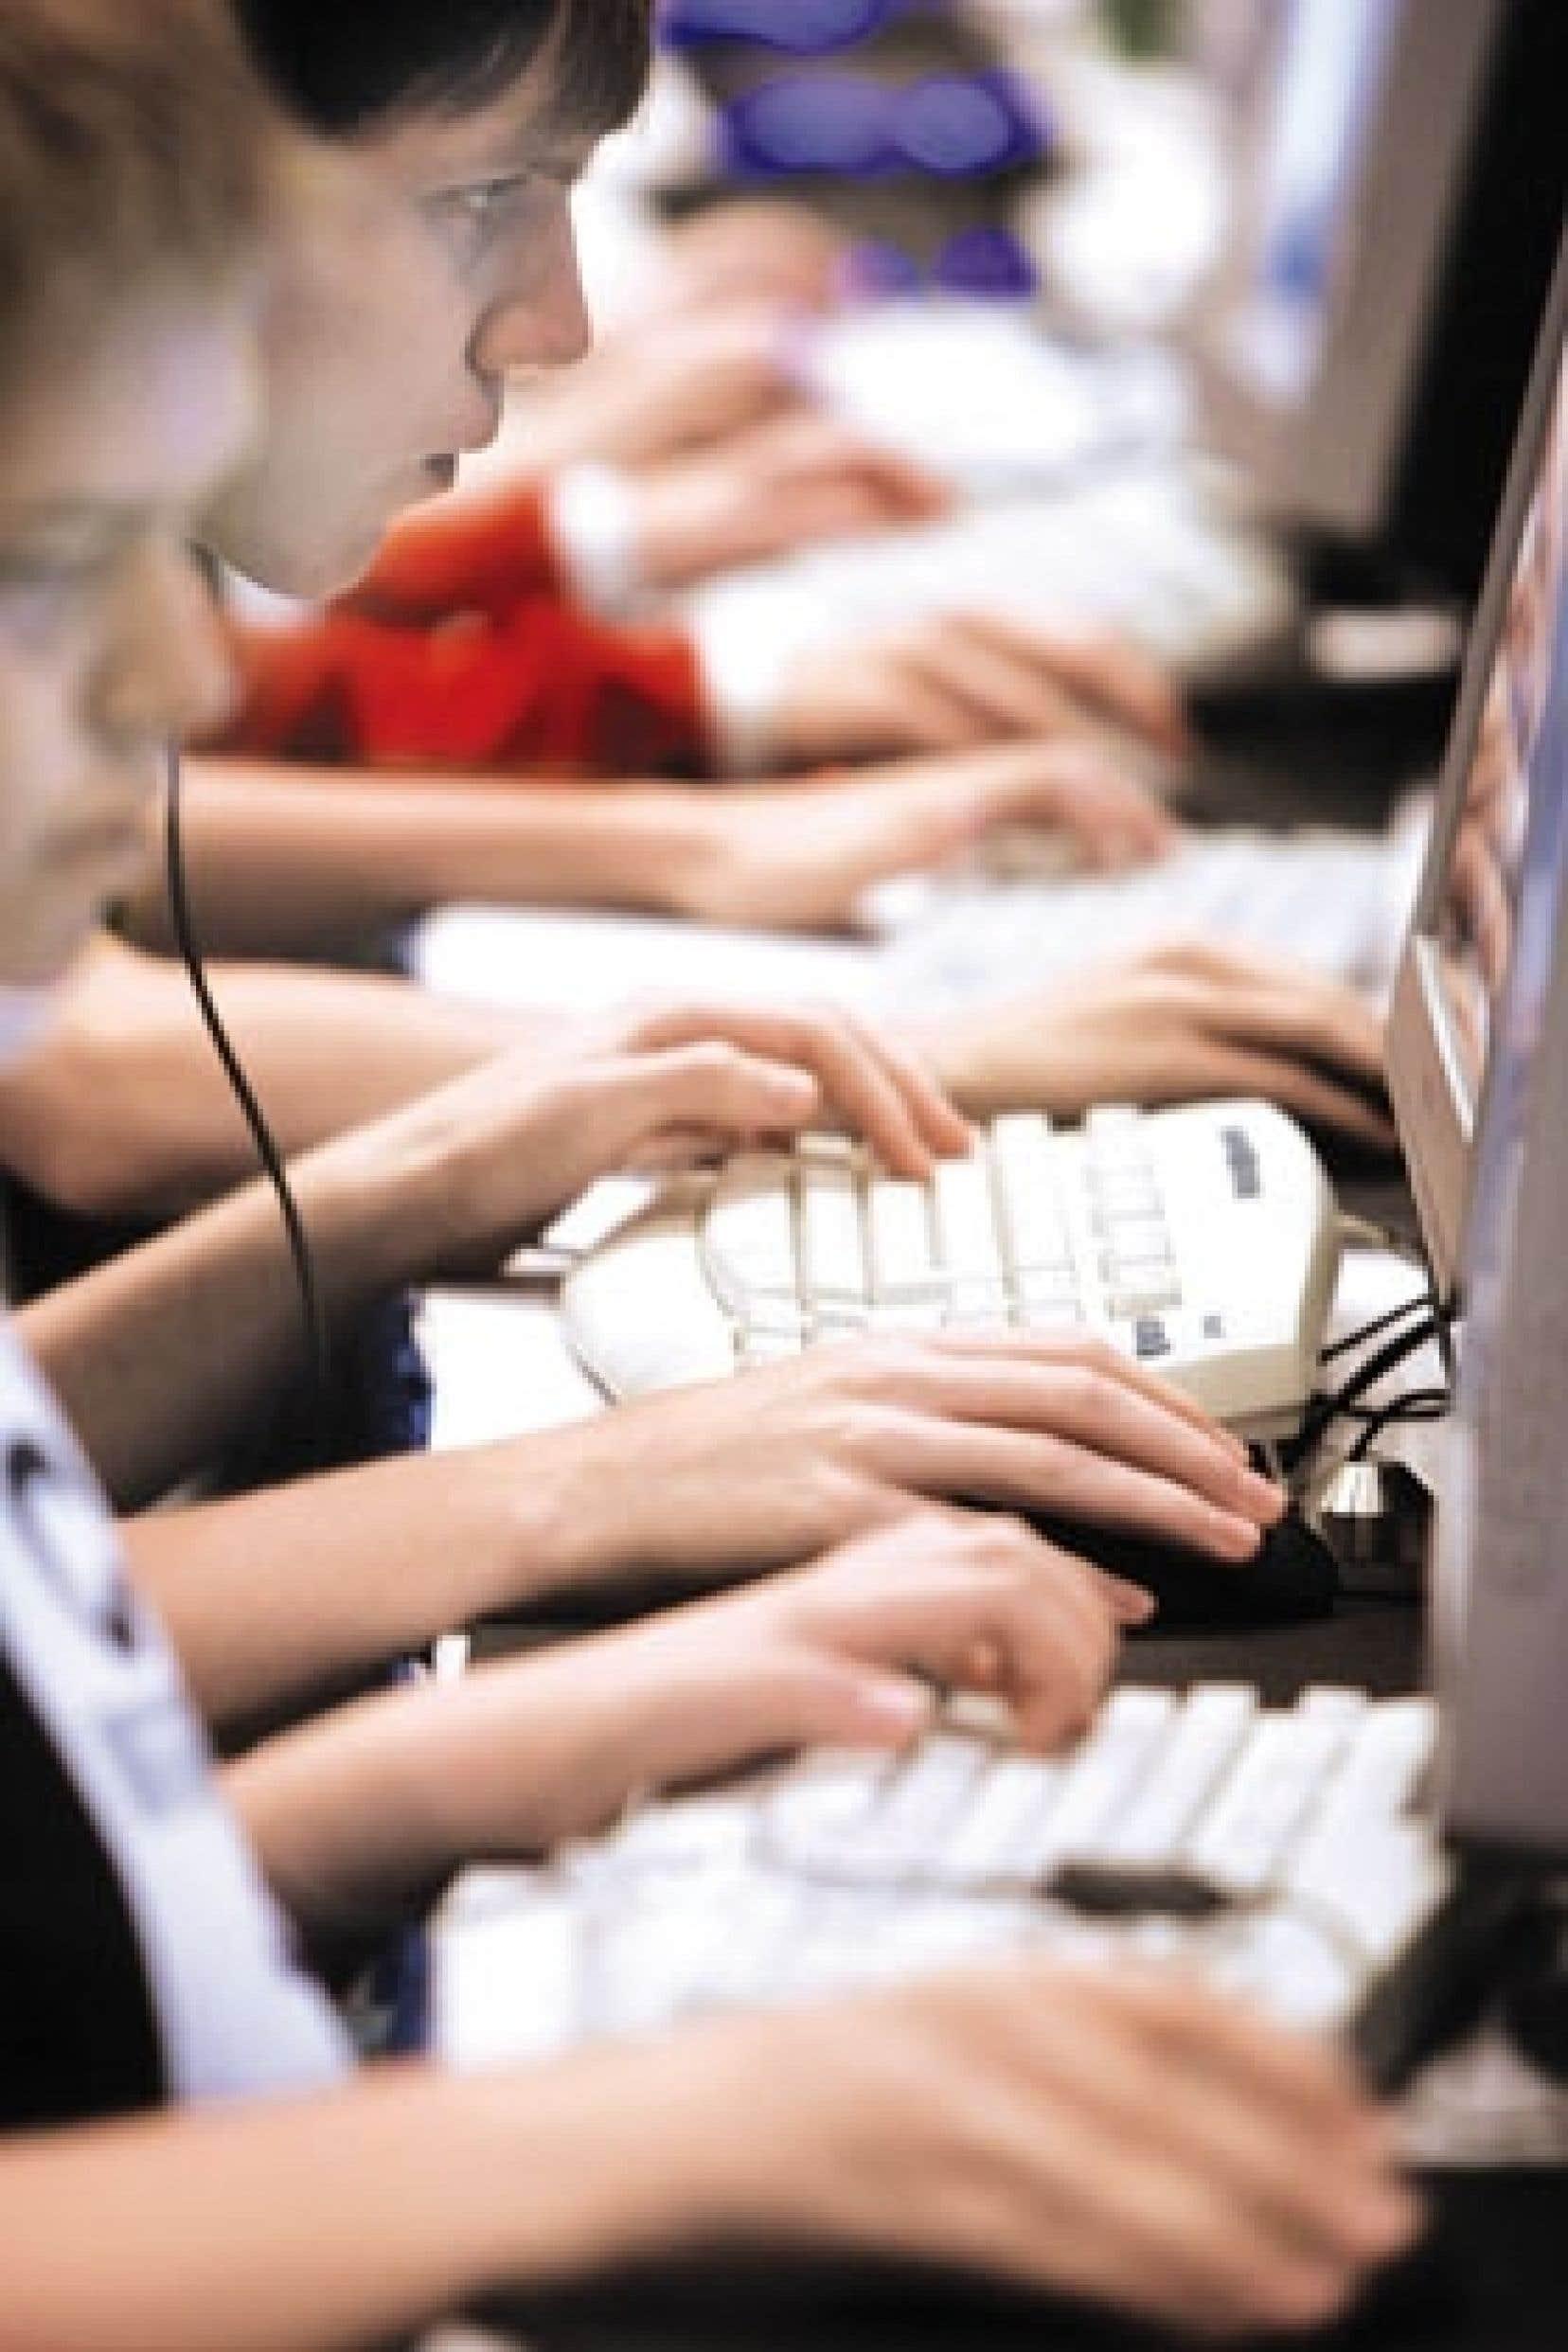 Selon les données publiées hier par le CEFRIO, Internet a conquis 140 000 nouveaux adeptes au Québec en 2006.